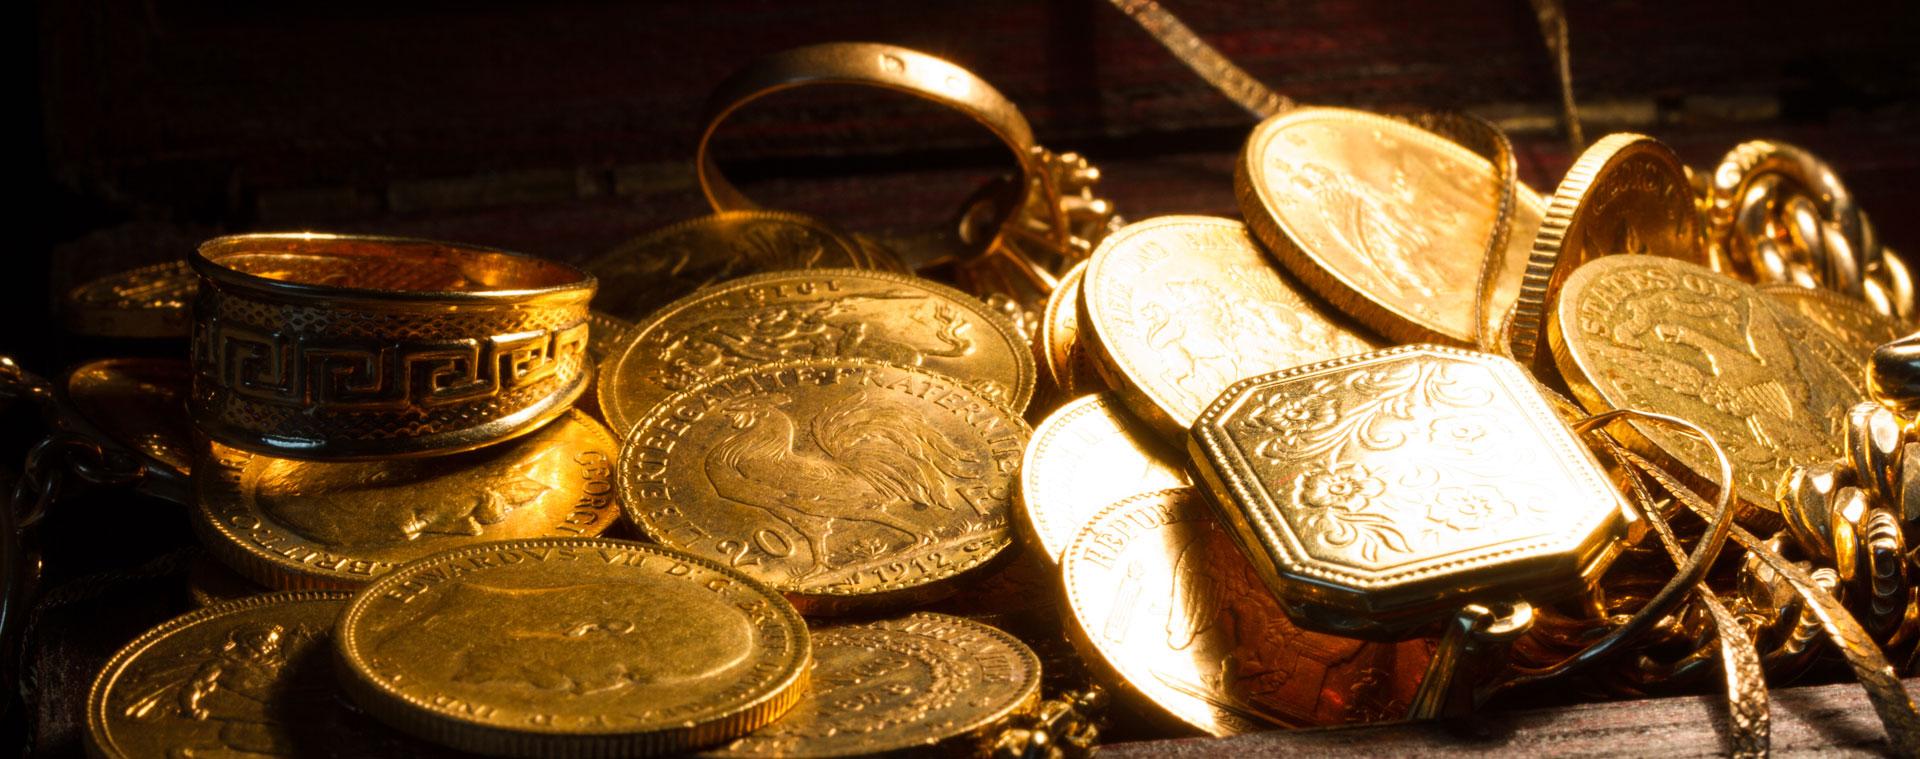 We Buy Gold, Precious Metals & More